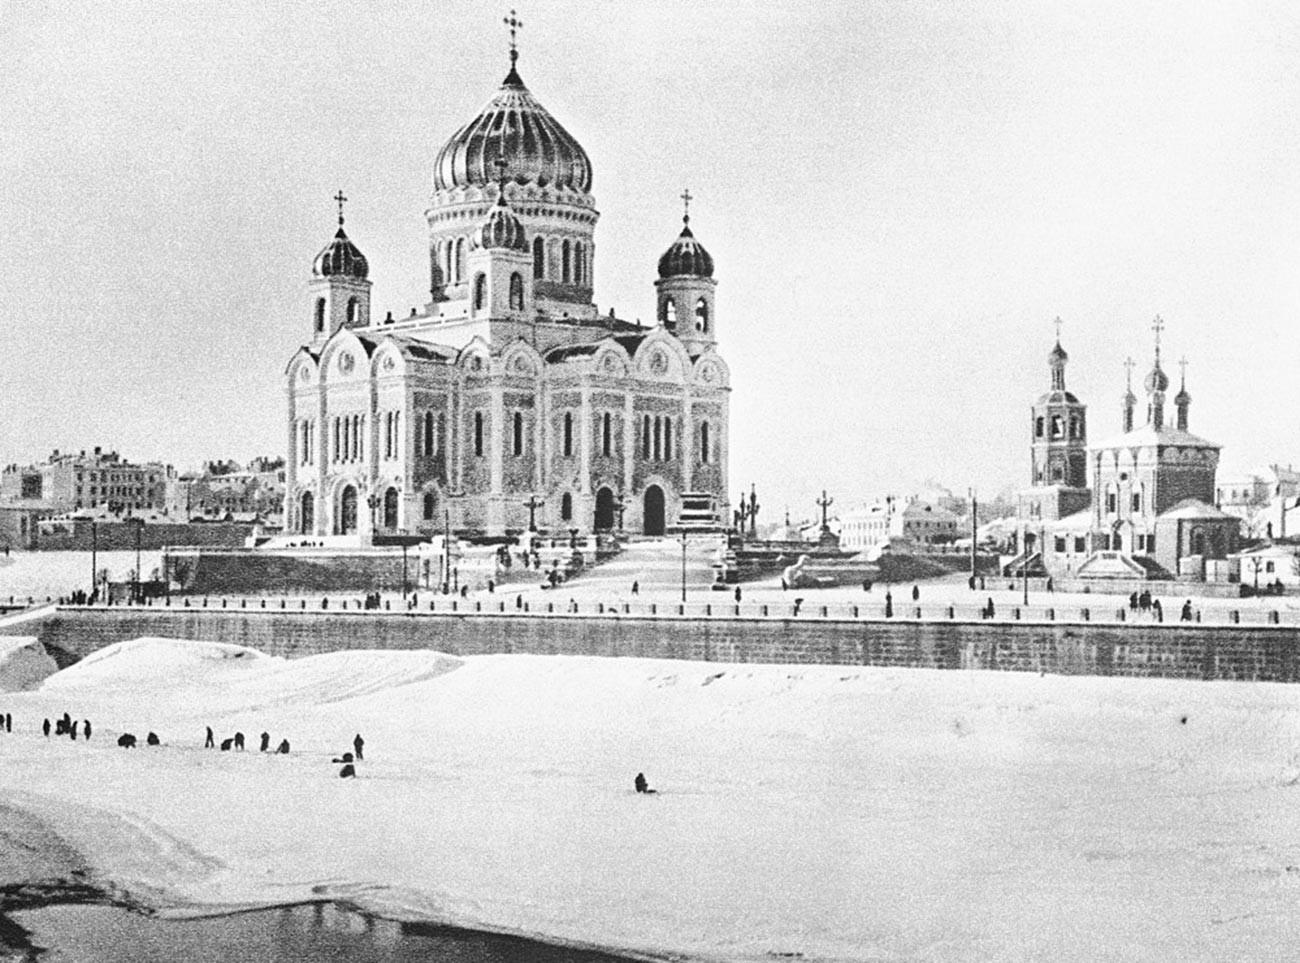 Cathédrale du Christ-Sauveur de Moscou, construite à l'occasion de la victoire dans la Guerre patriotique de 1812